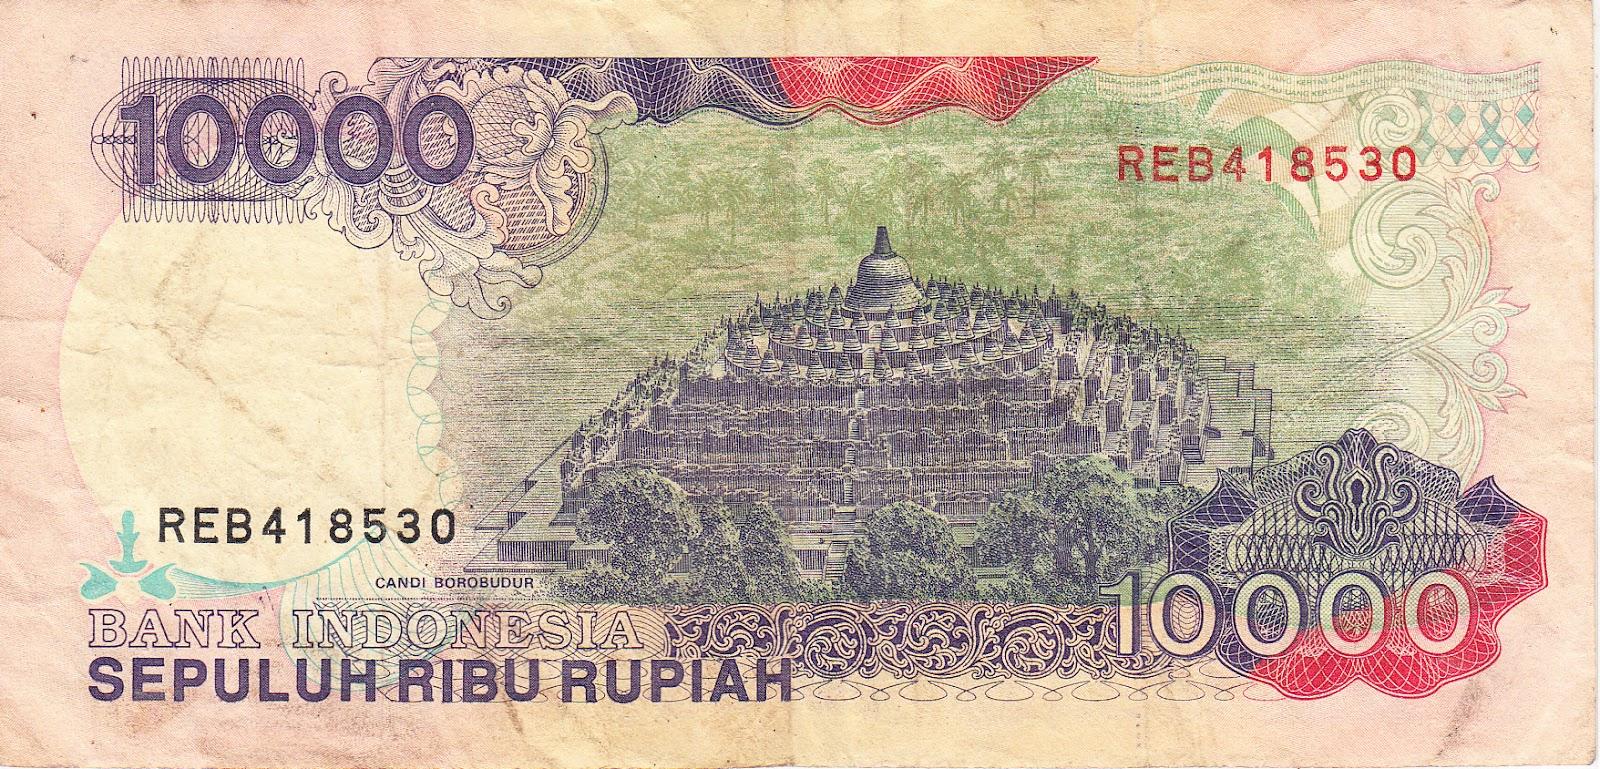 untuk Uang Kertas Kuno Indonesia Rp. 10.000 (sepuluh ribu rupiah